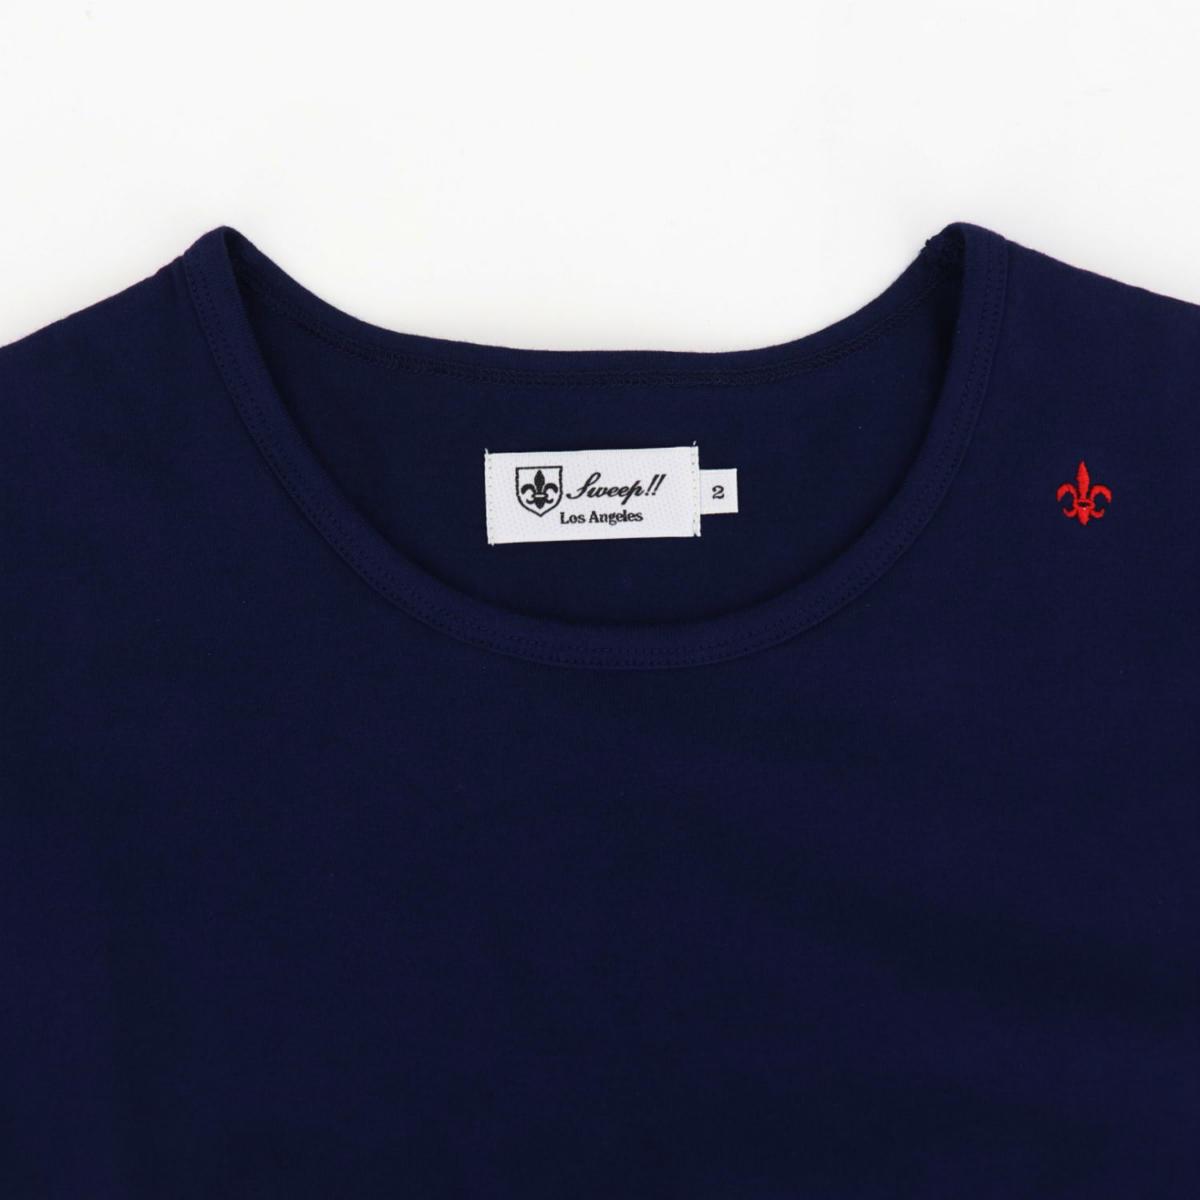 クルーネックTシャツ NAVY(ネイビー)